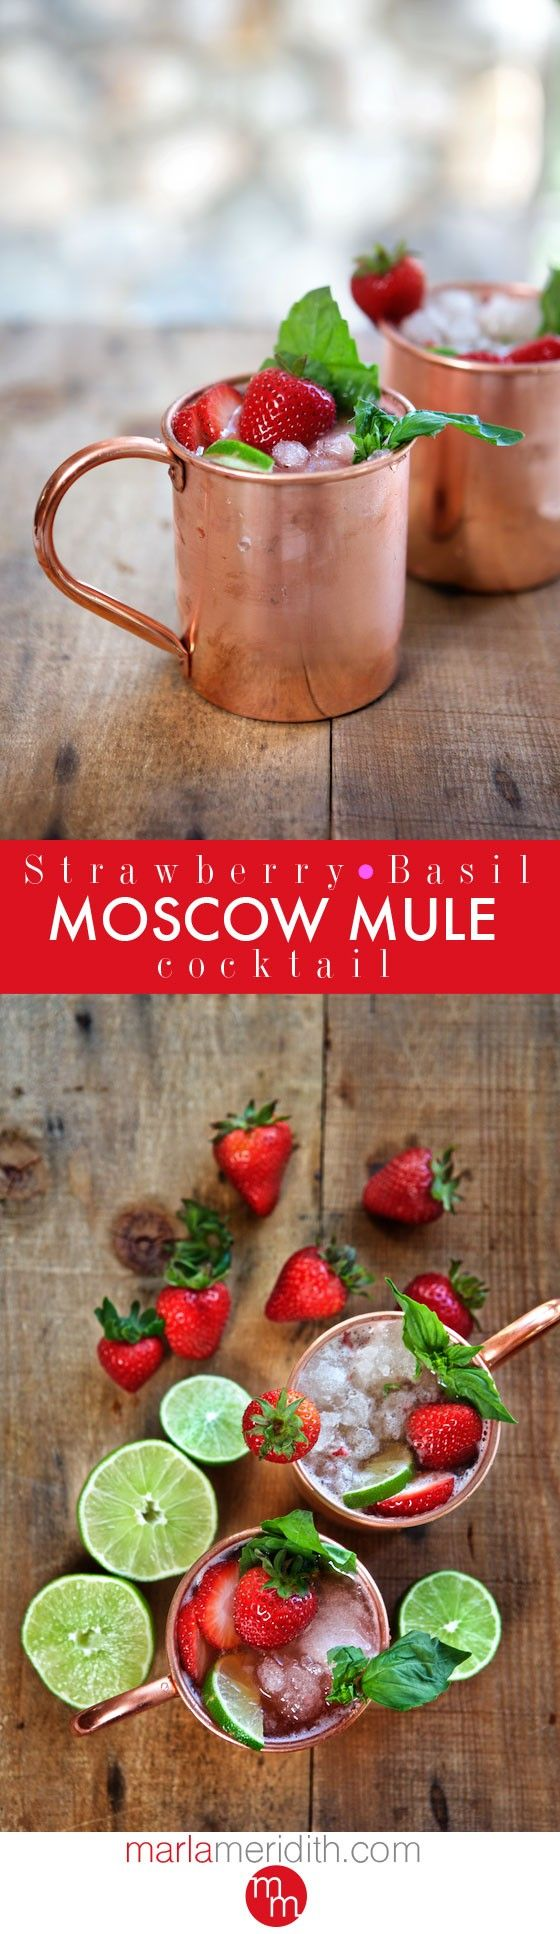 Moskau Mule mit frischen Erdbeeren und Basilikum - Der coolste Sommercocktail aller Zeiten *** Strawberry Basil Moscow Mule Cocktail | The ultimate summer libation!